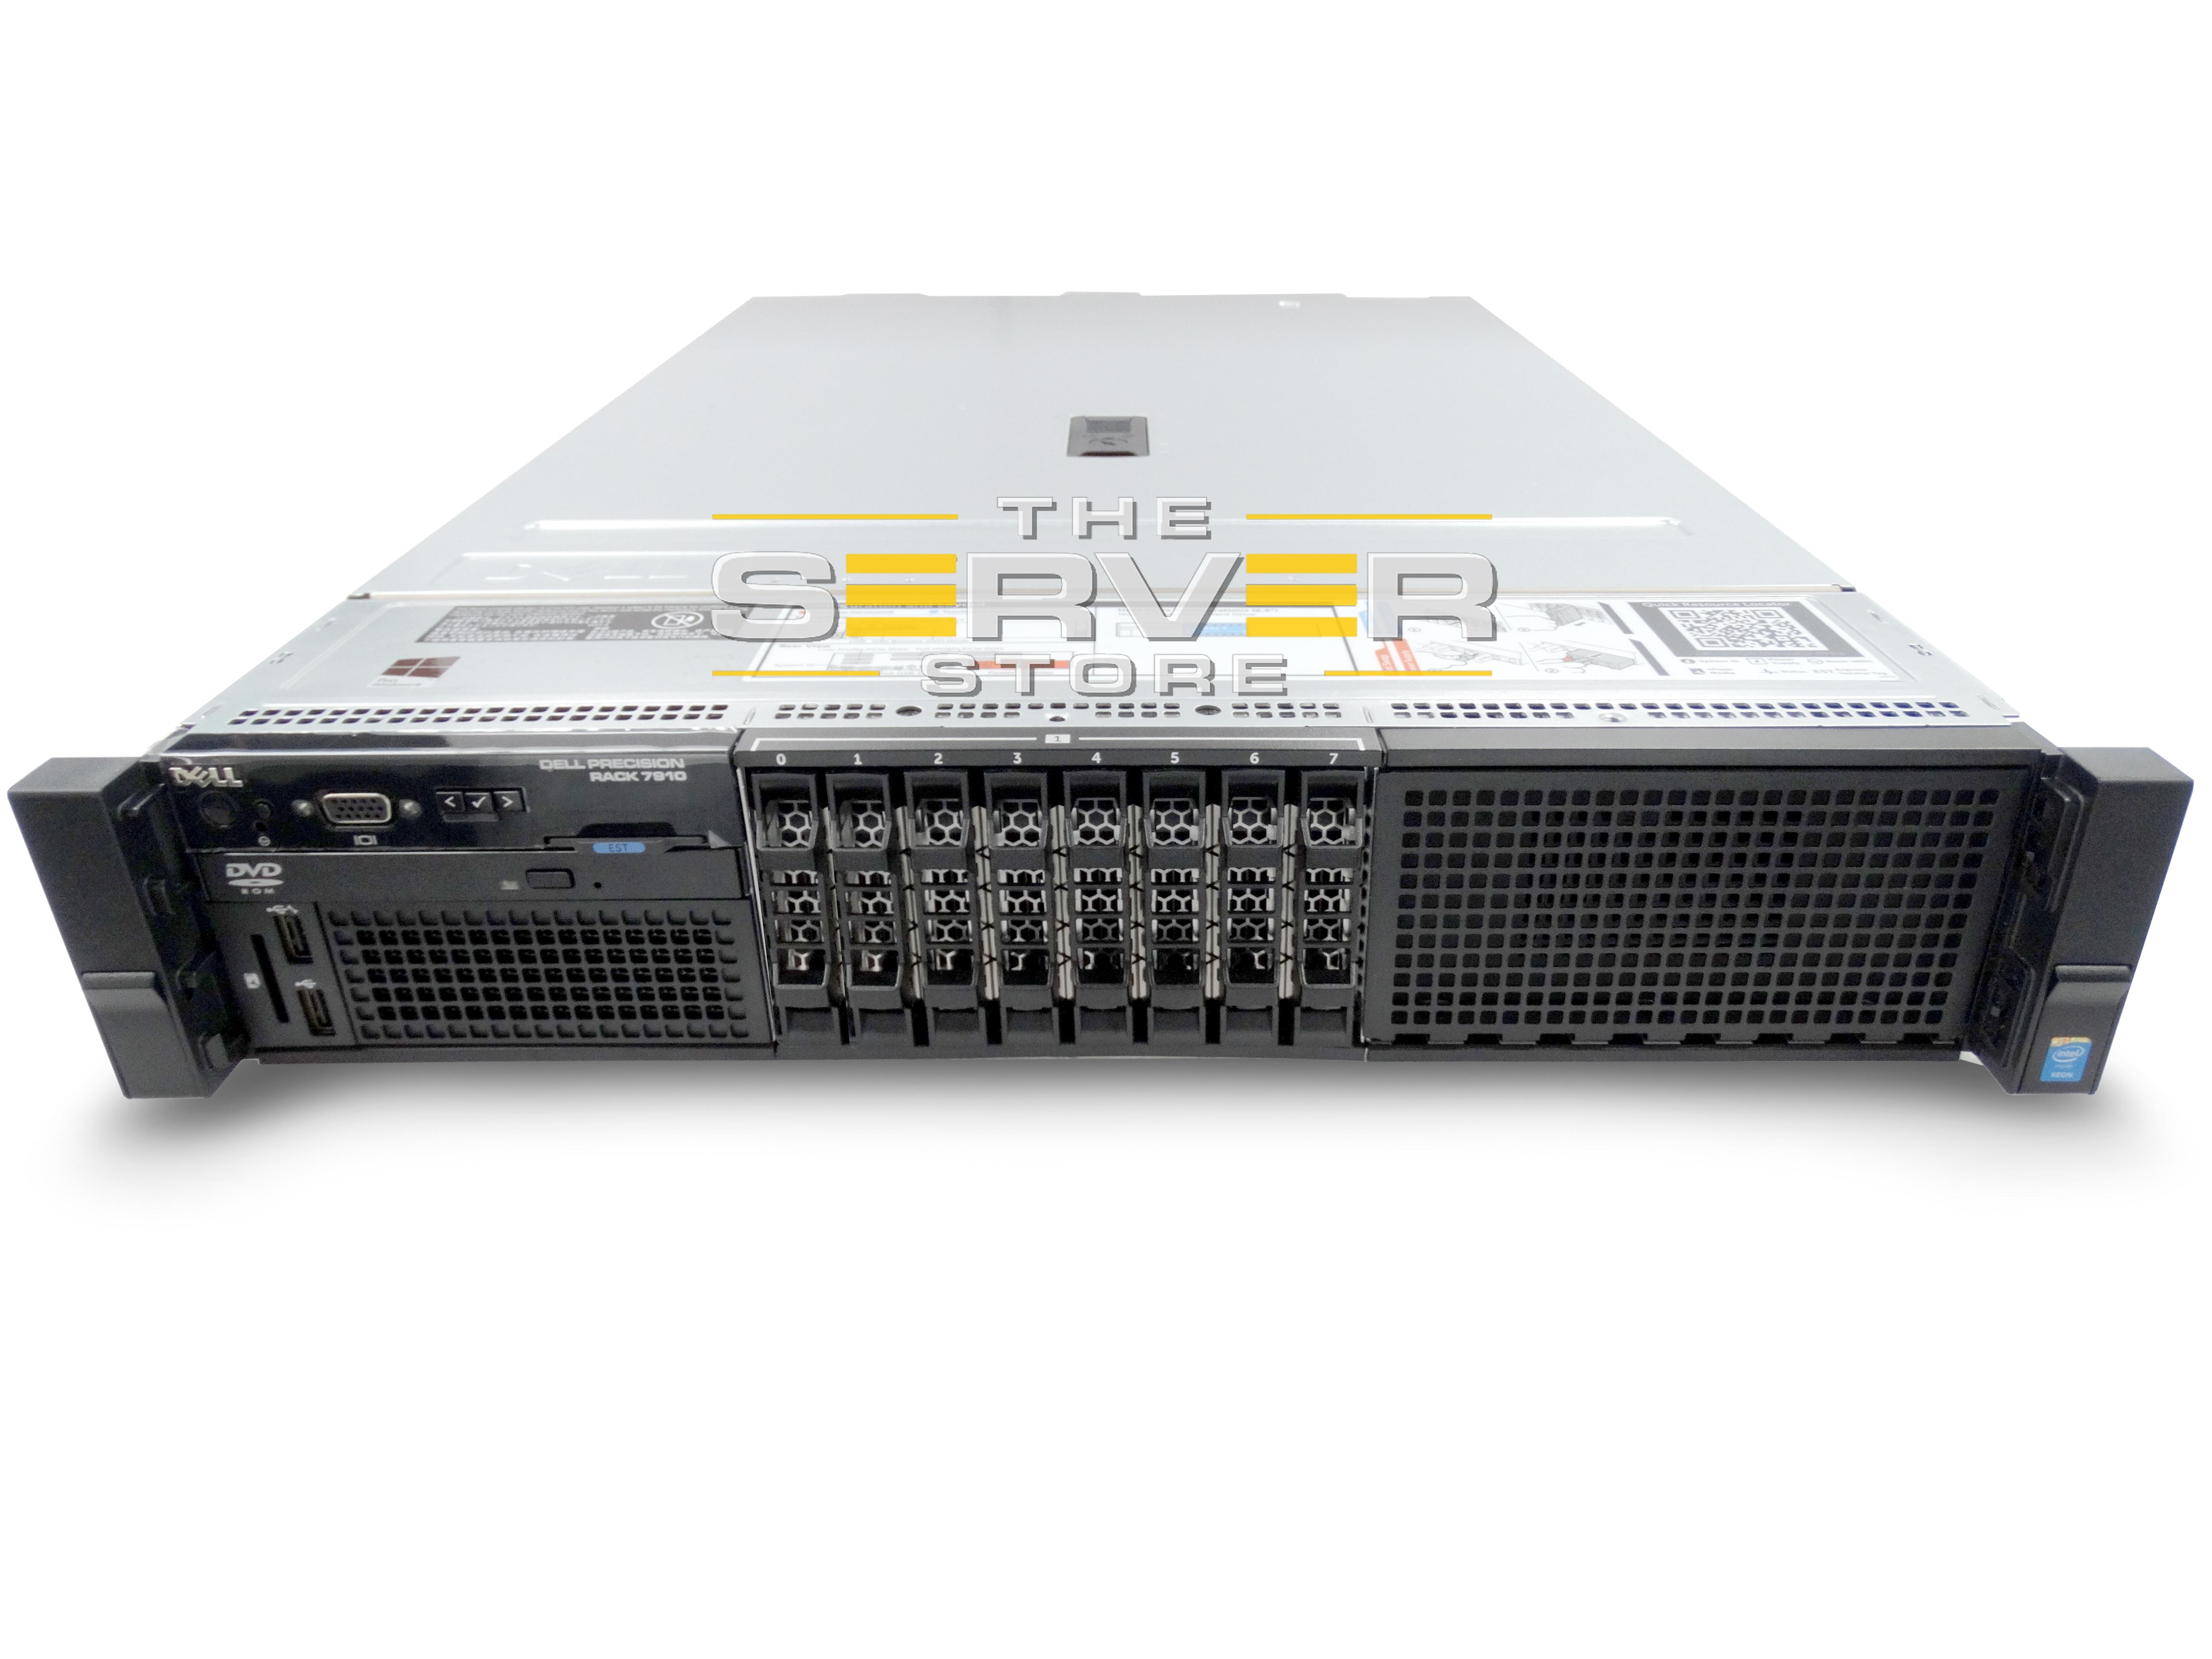 Dell Precision Rack 7910 (R7910) Workstation